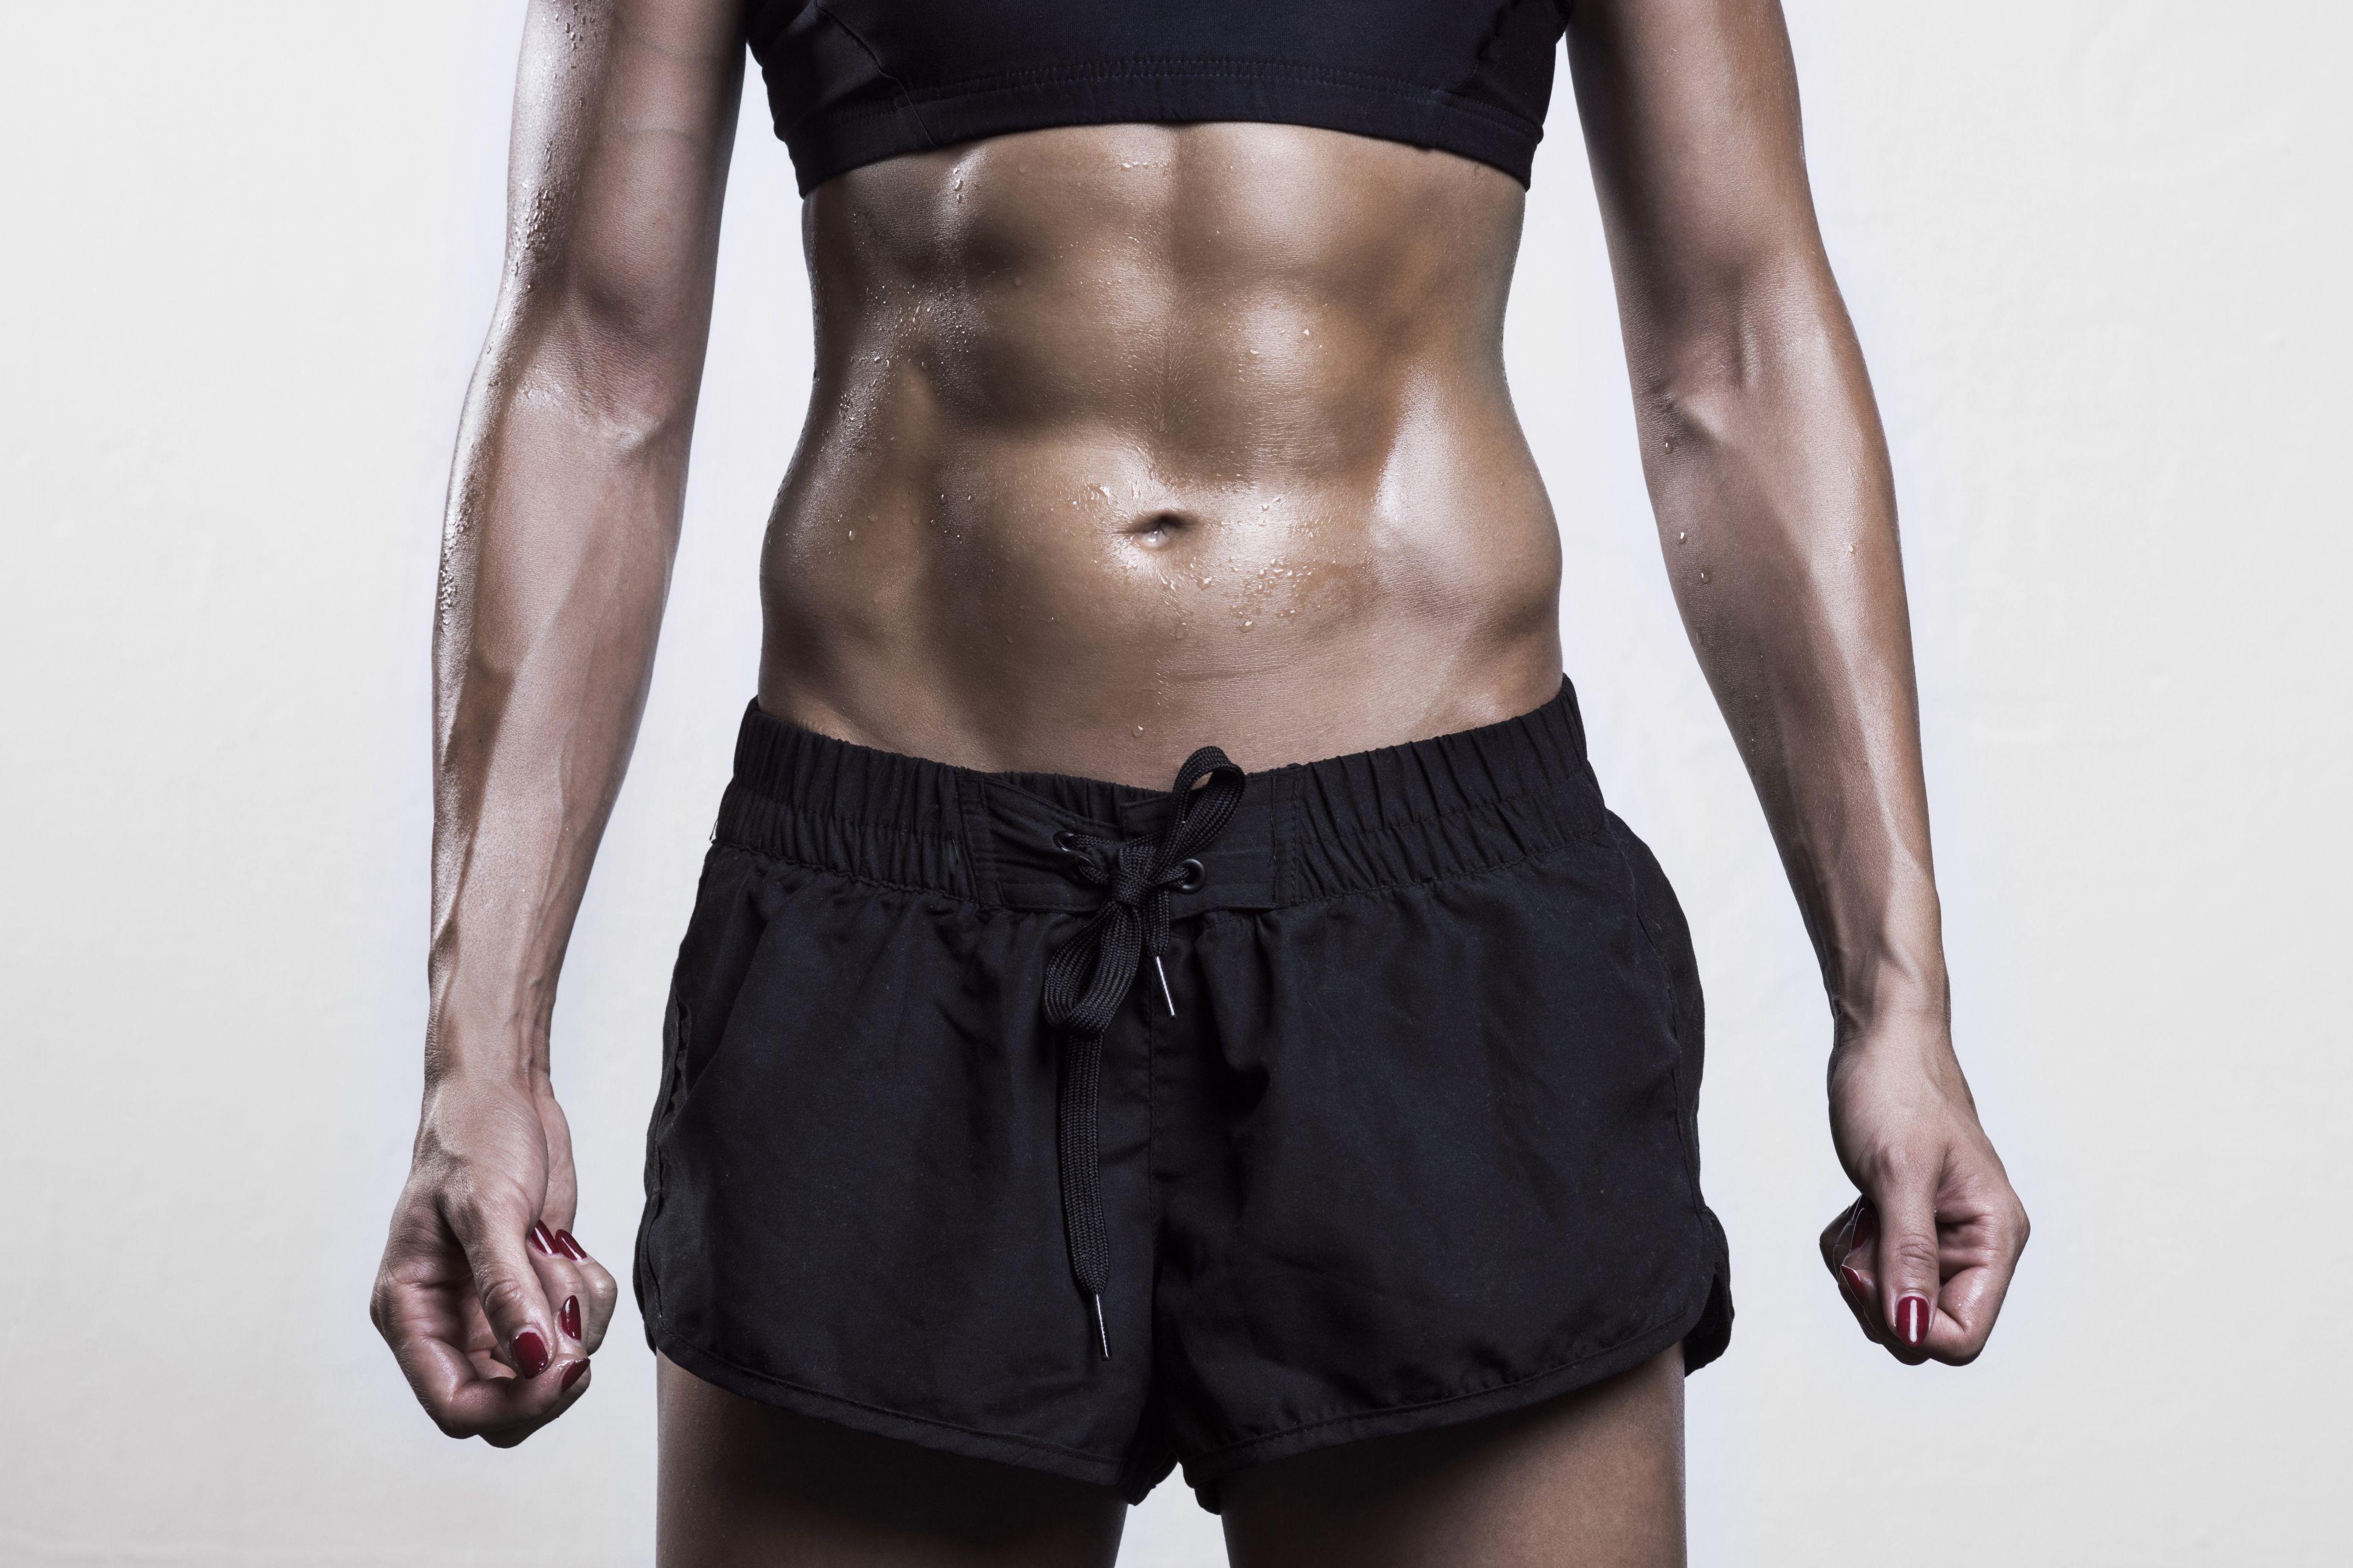 Studies Favor BCAAs for 'Cut Diets'